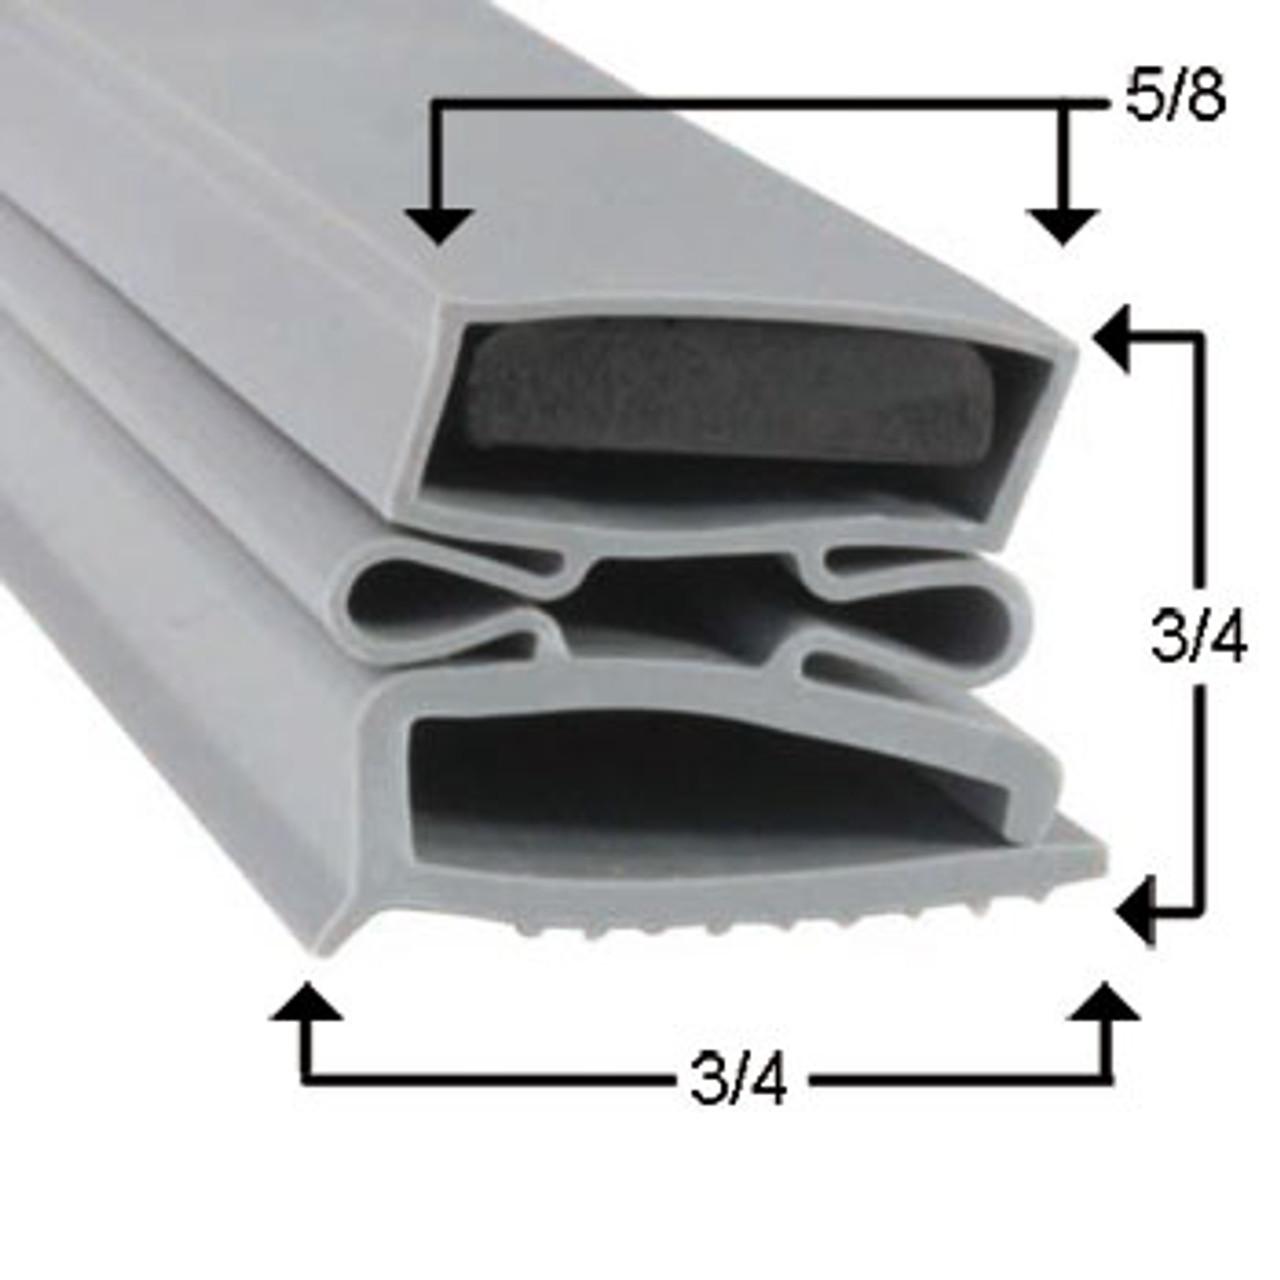 Dunhill Door Gasket Profile 494 19 1/2 x 22 1/8 -2